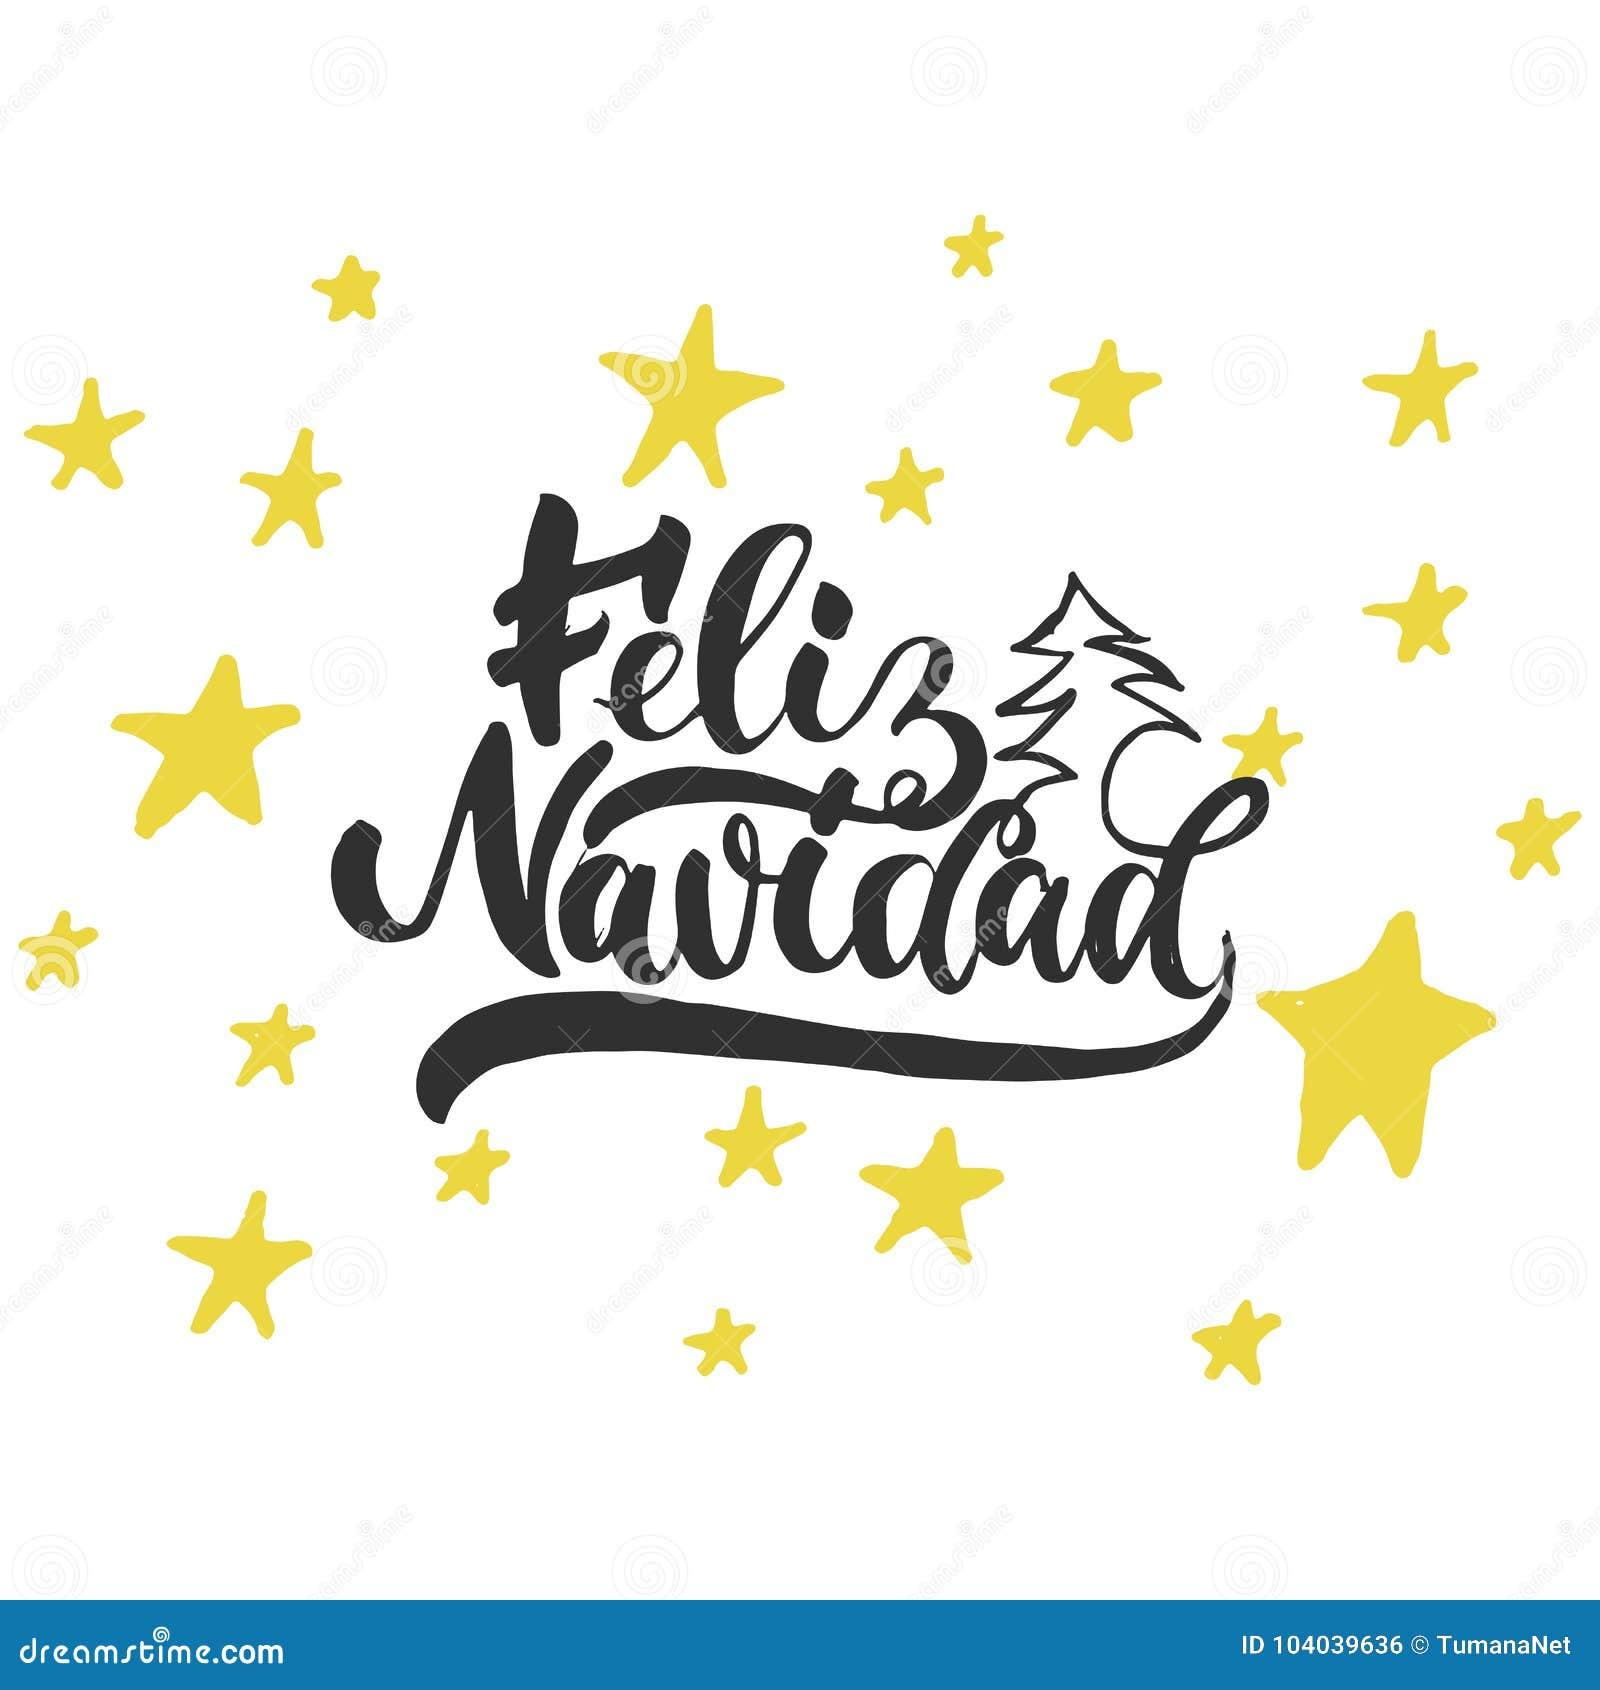 Feliz Navidad Frase De La Caligrafía Del Día De Fiesta De